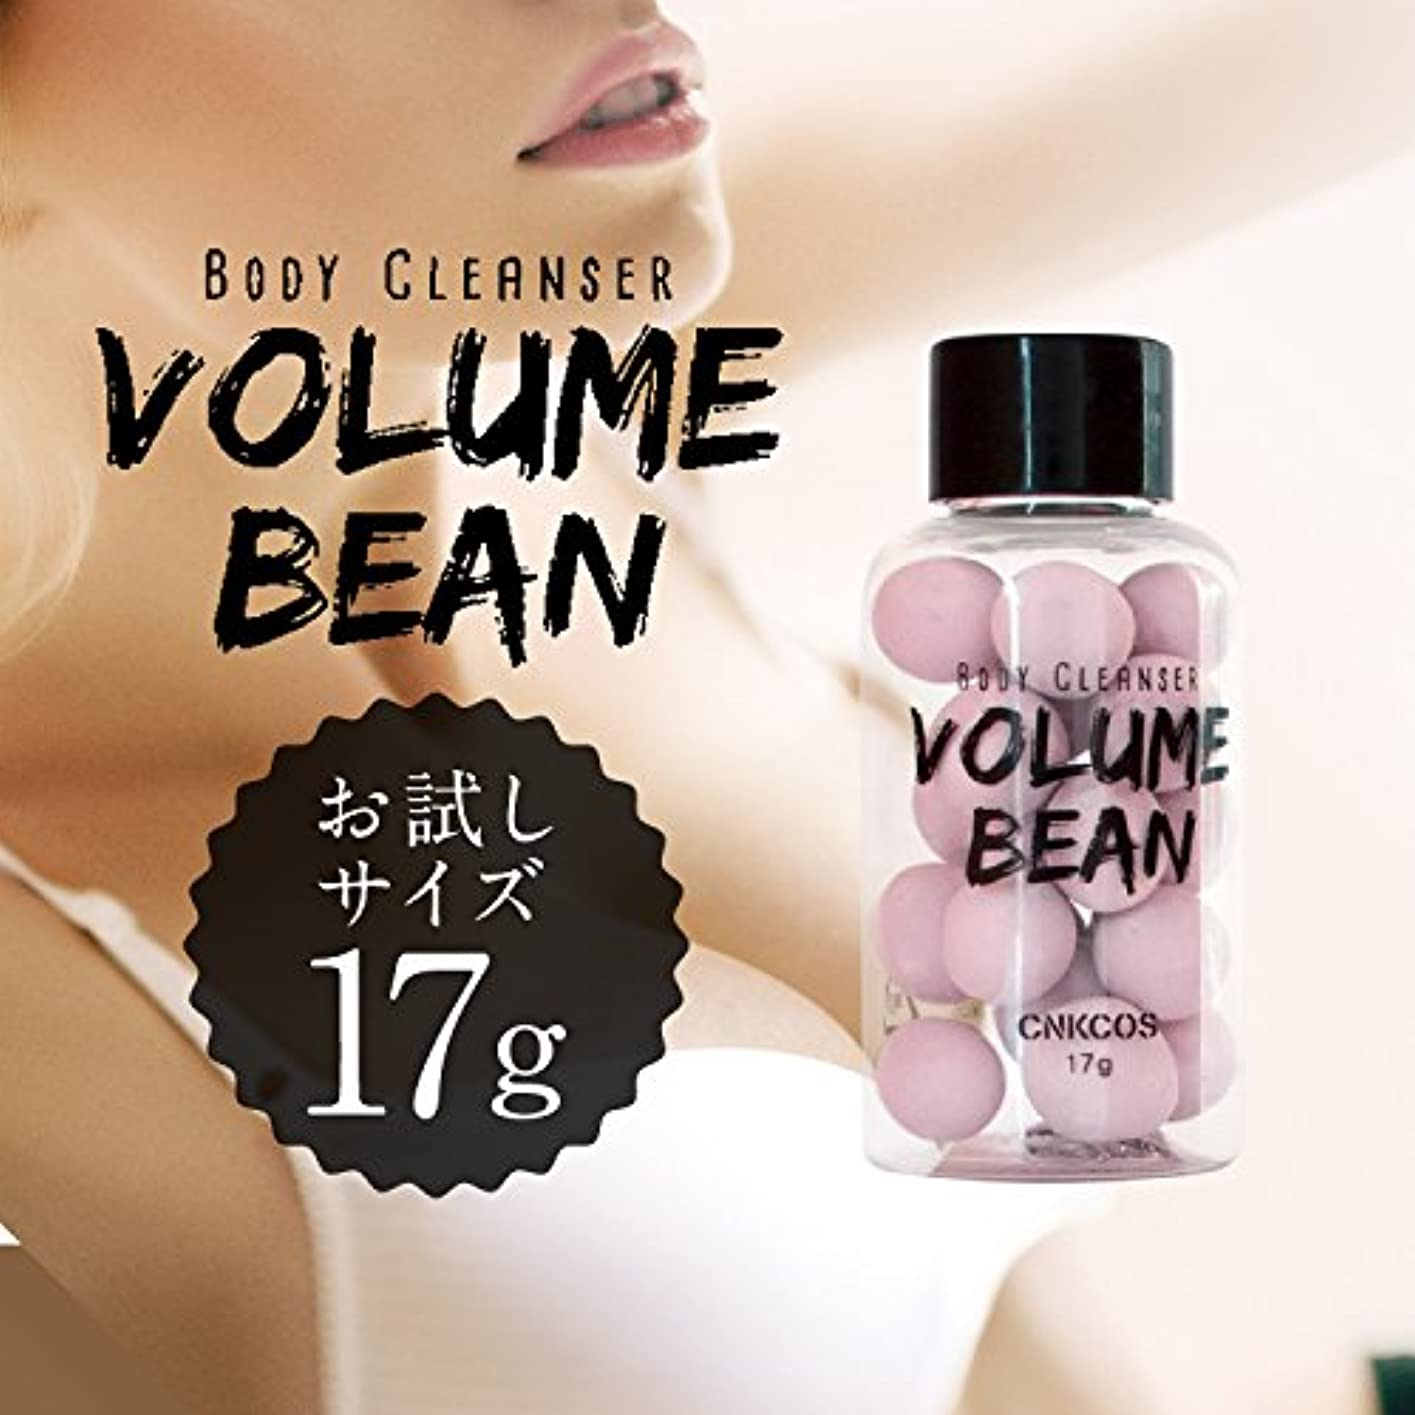 形状純粋な長方形ボリュームビーン Volume Bean 17g